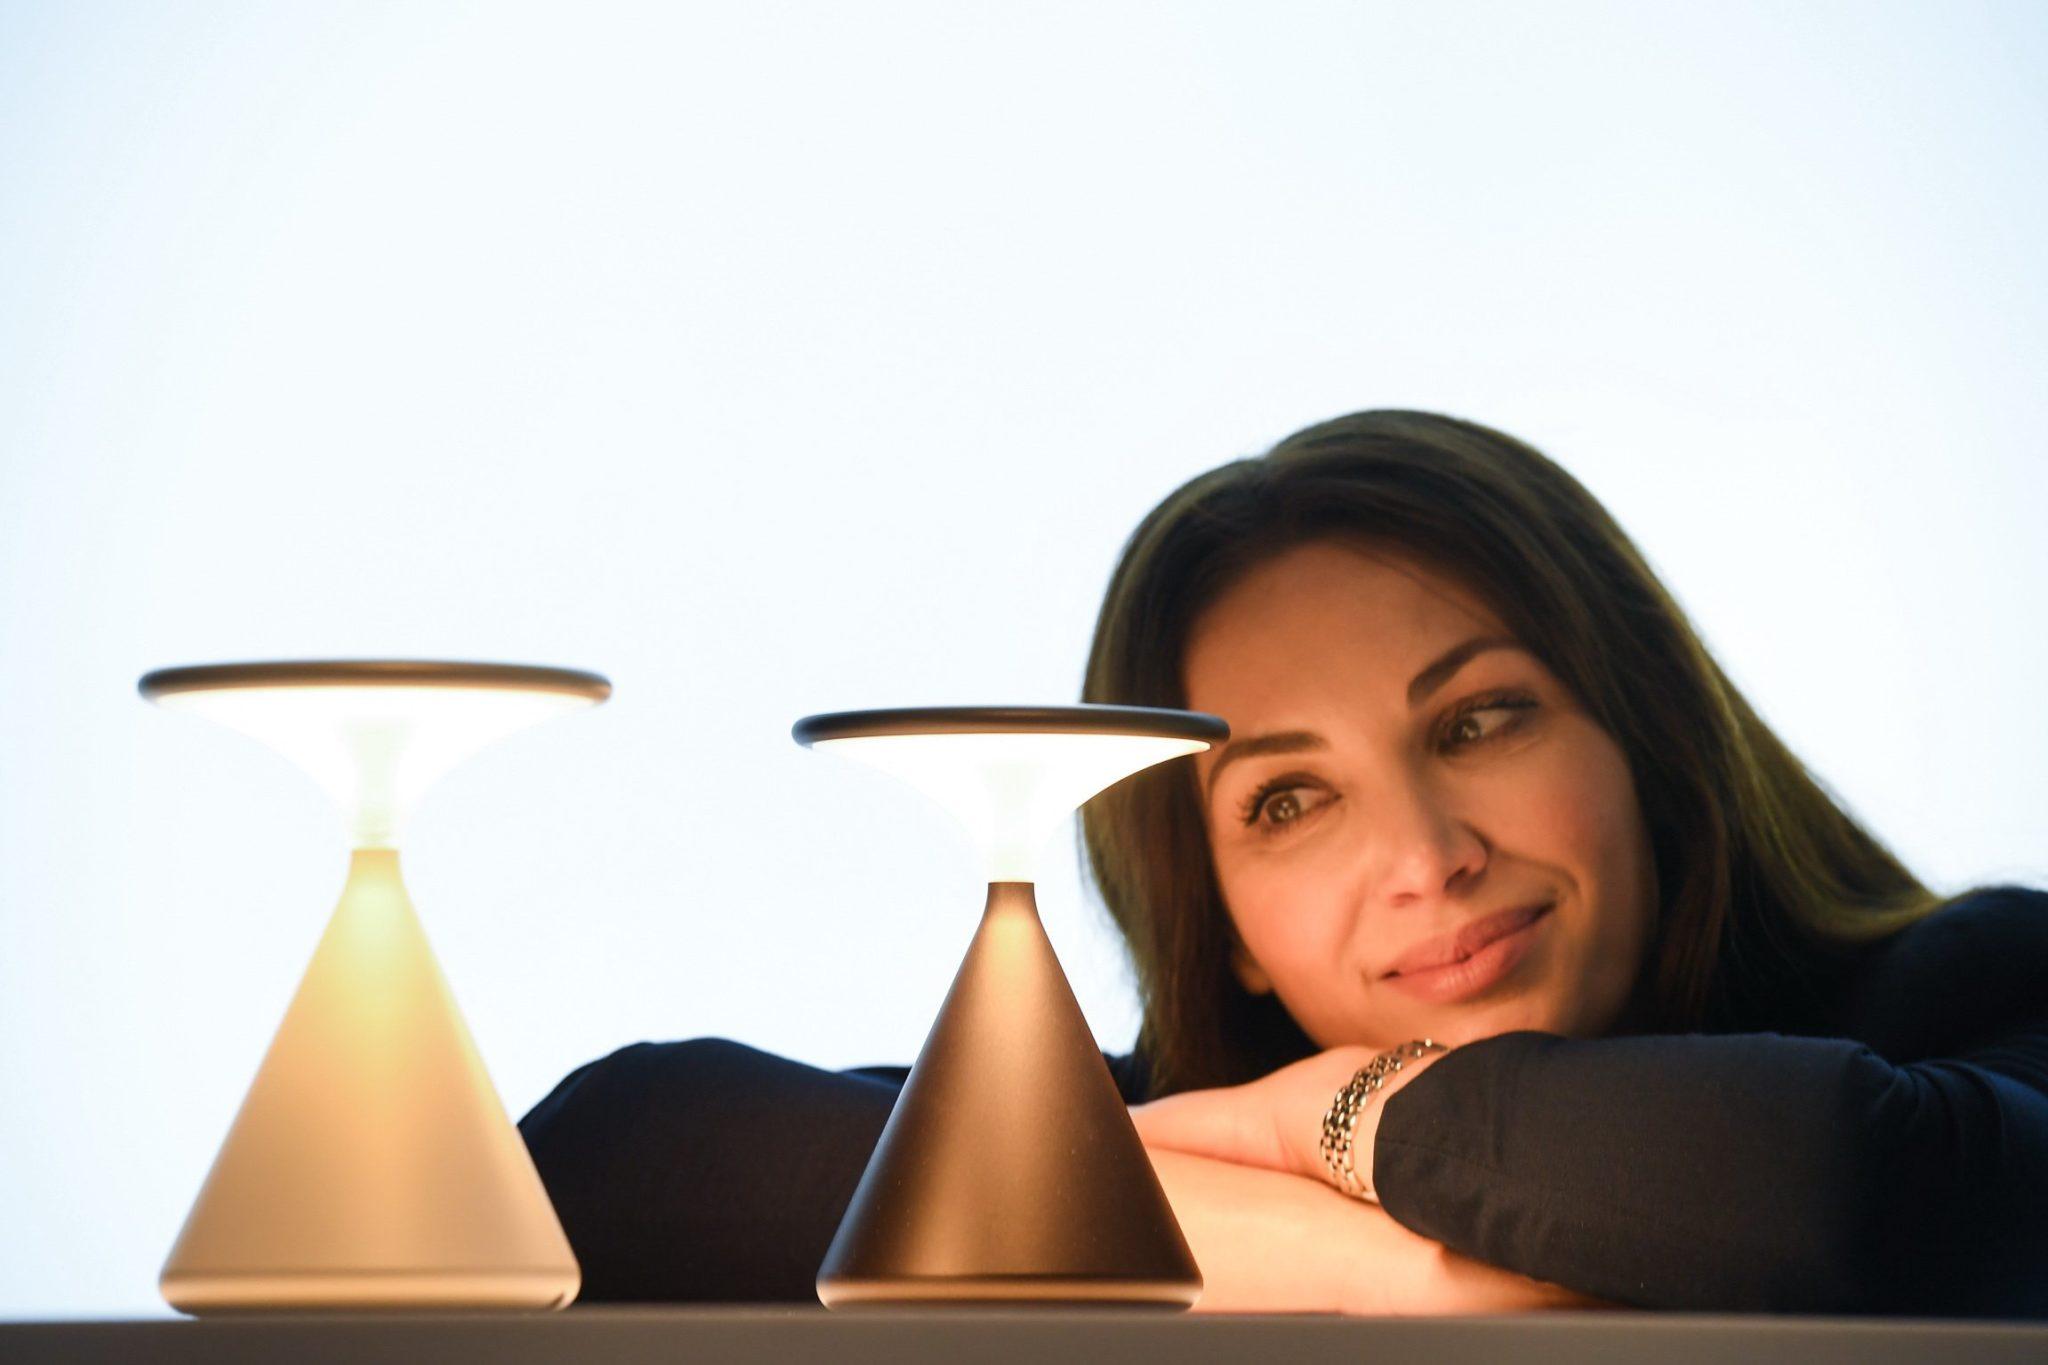 แสงสว่างเพิ่มประสิทธิภาพของคนทำงานได้อย่างไร จากแสงแดด สู่แสงไฟ ที่ตอบโจทย์ Human-Centric Lighting 13 -